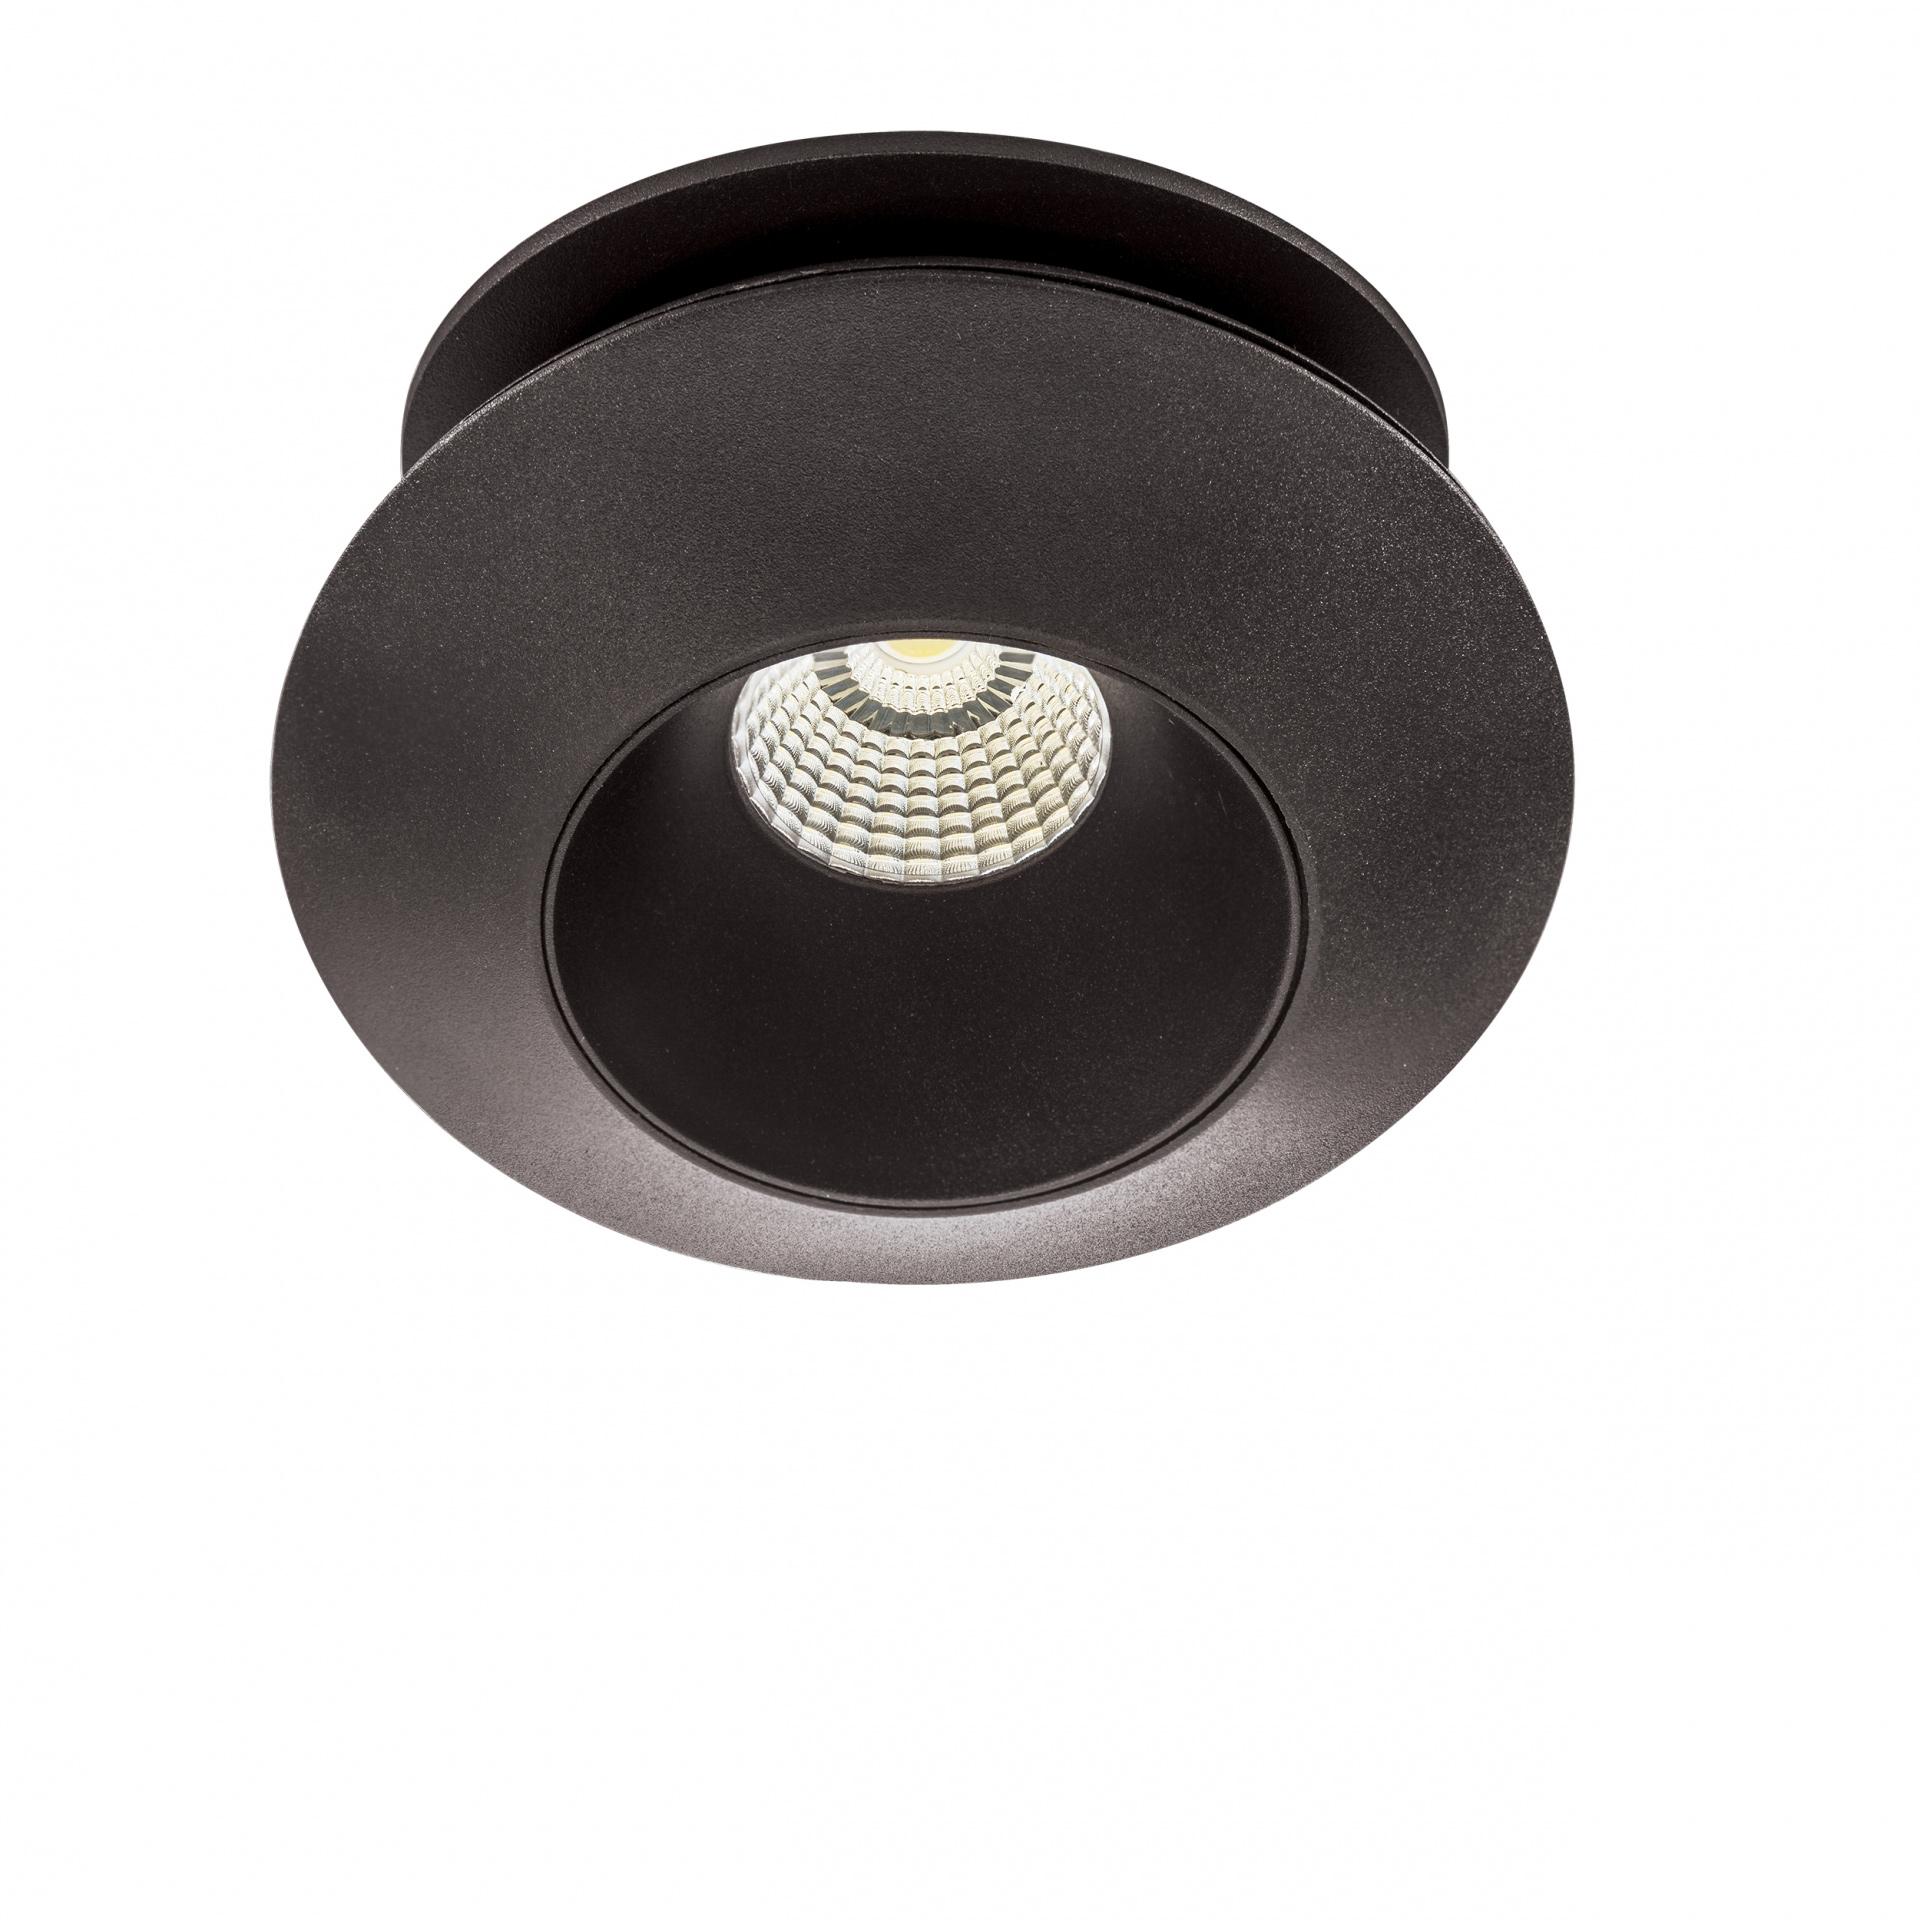 Светильник Orbe LED 15W 1240LM 60G черный 3000K Lightstar 051307, купить в СПб, Москве, с доставкой, Санкт-Петербург, интернет-магазин люстр и светильников Starlight, фото в жизни